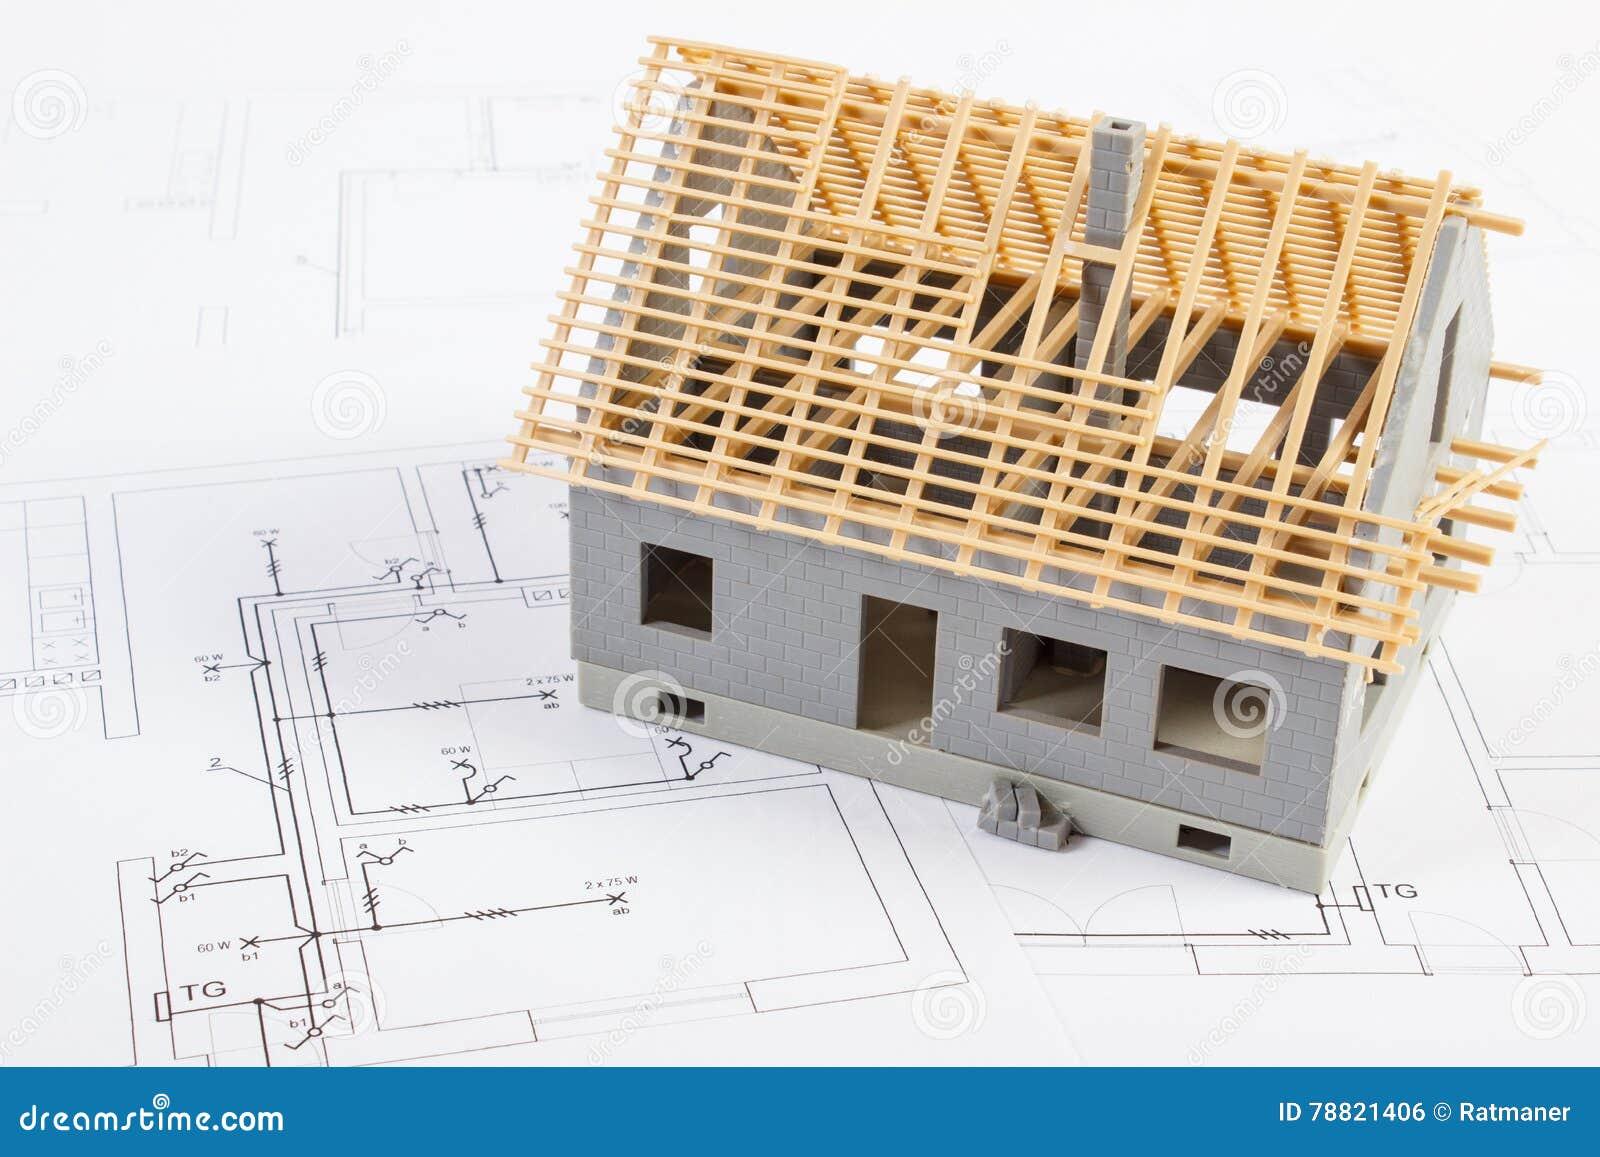 681e79974b00 Μικρό σπίτι κάτω από την κατασκευή στα ηλεκτρικά σχέδια για το πρόγραμμα